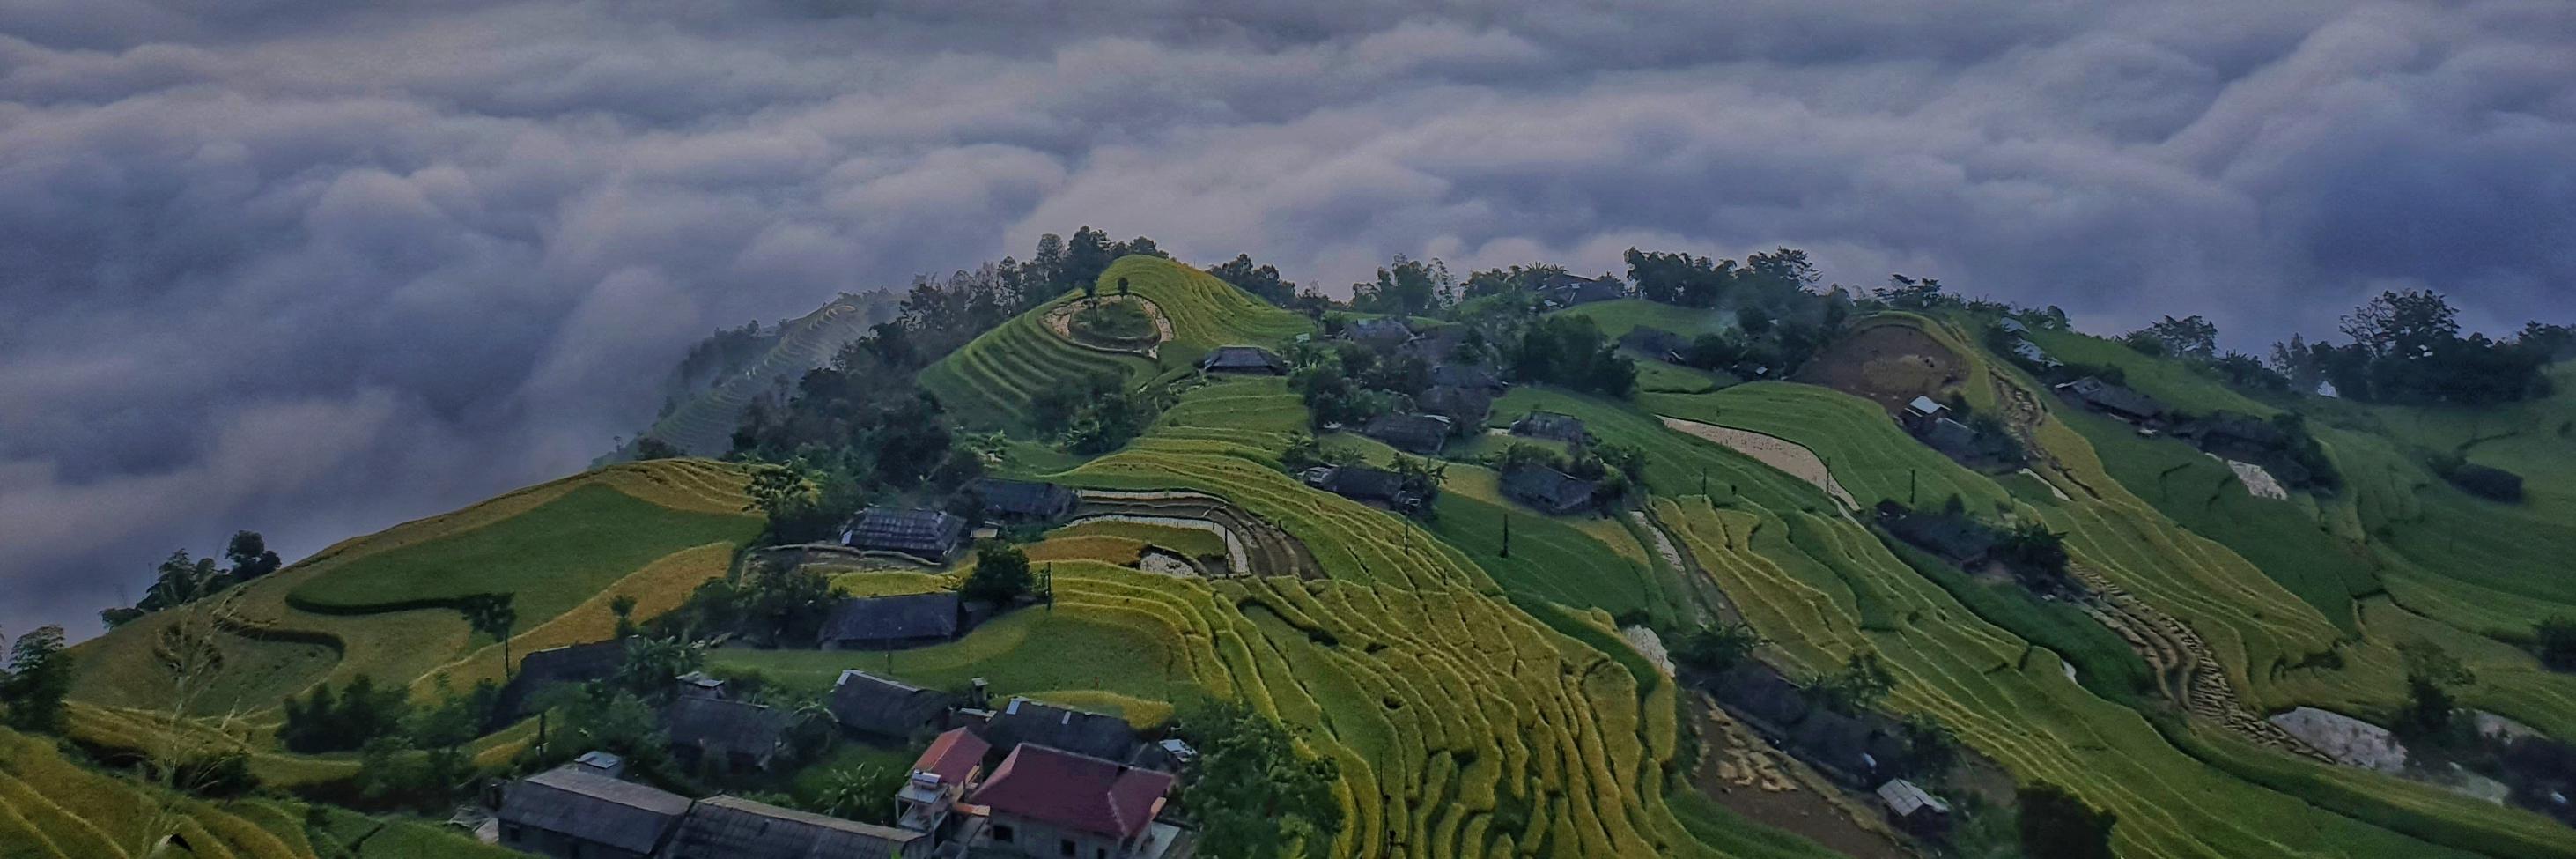 https://gody.vn/blog/nguyenanhtuan210920158229/post/ruong-bac-thang-ban-phung-hoang-su-phi-4999